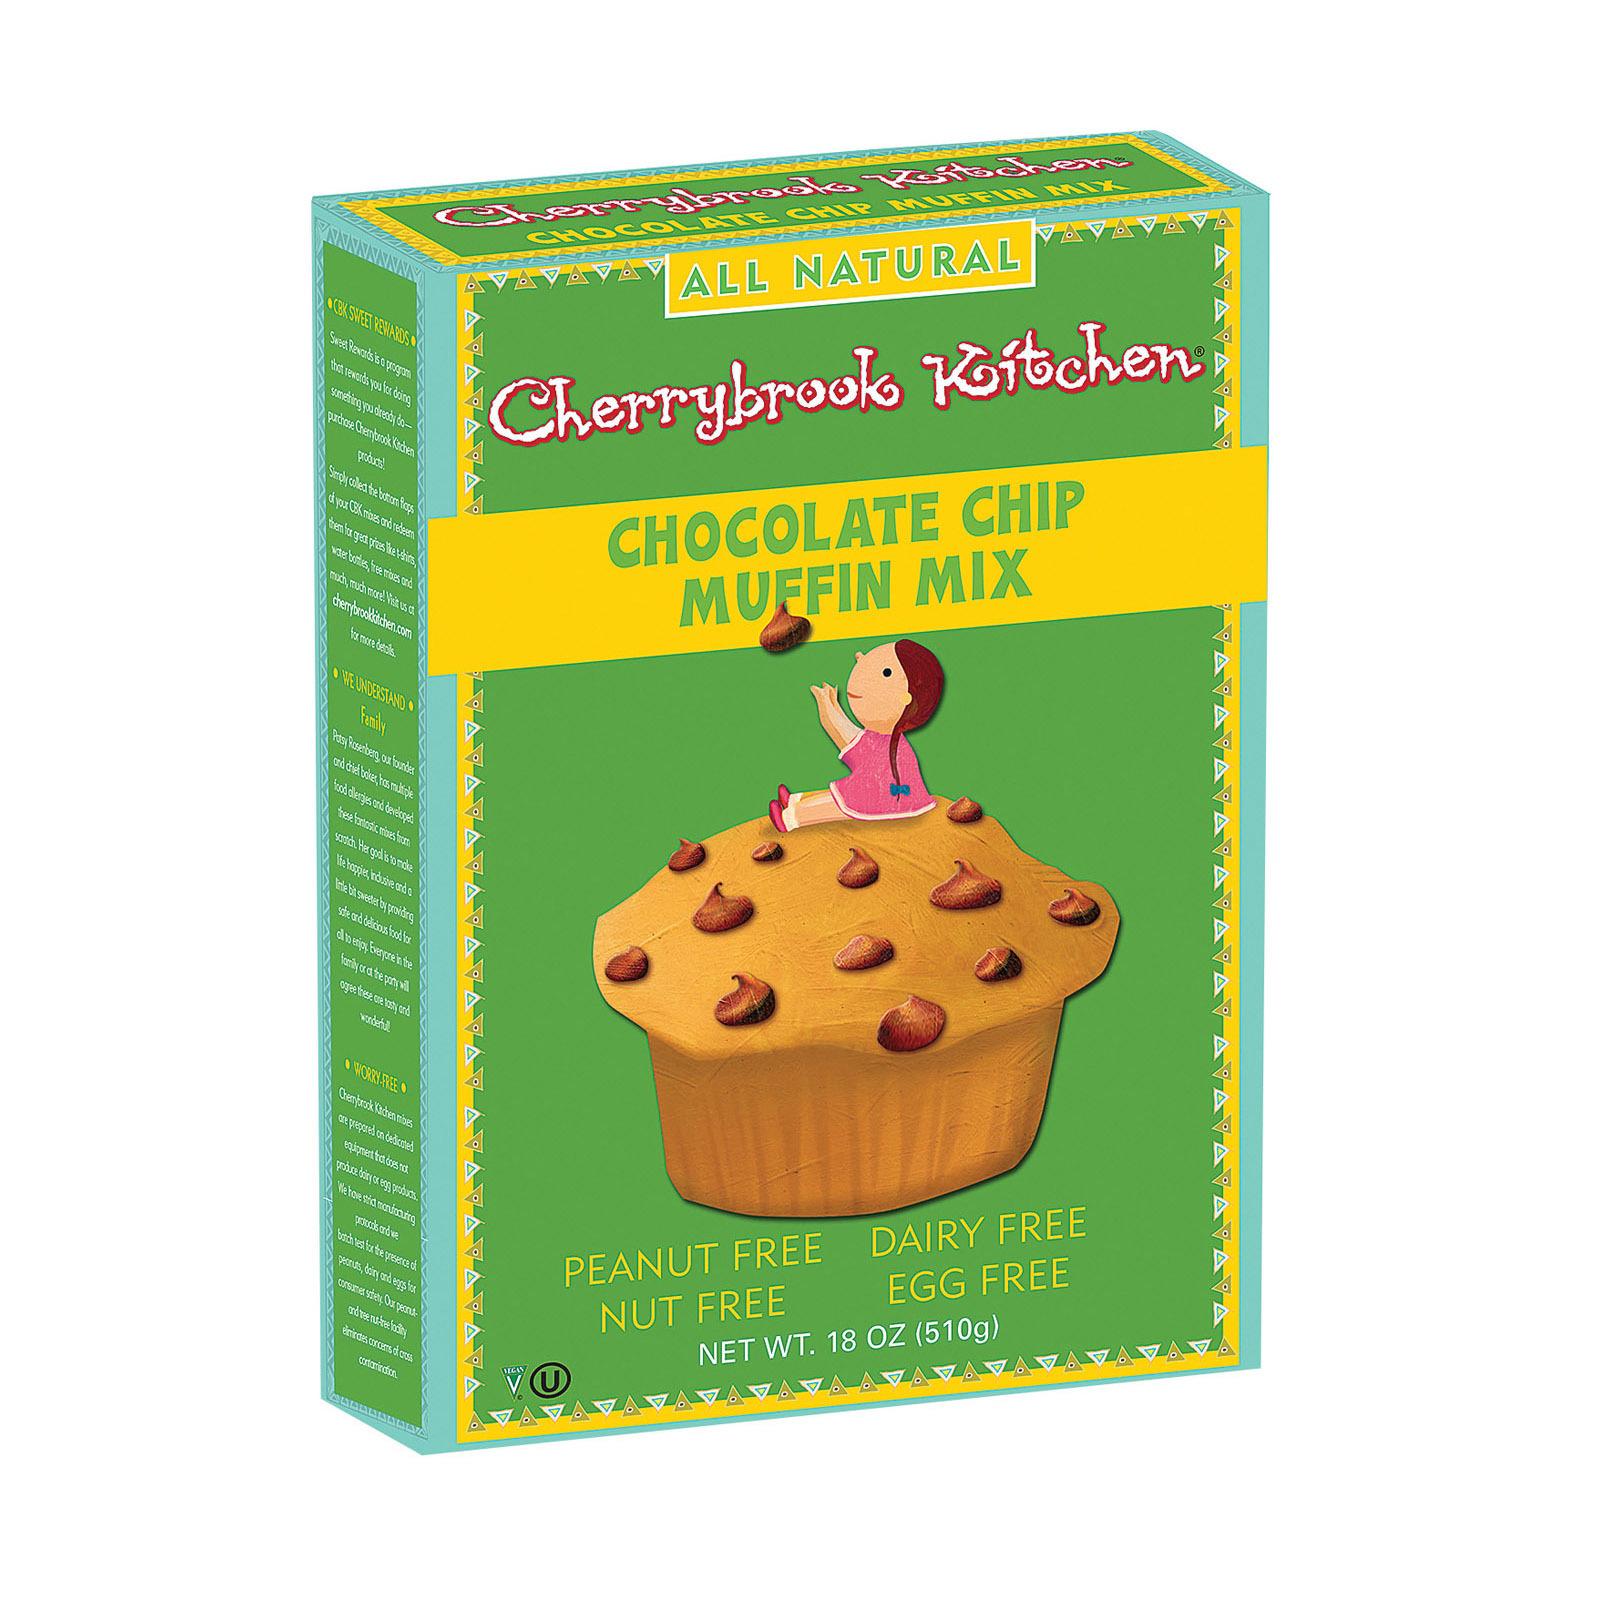 Cherrybrook Kitchen Chocolate Chip Muffin Mix - Case of 6 - 18 oz